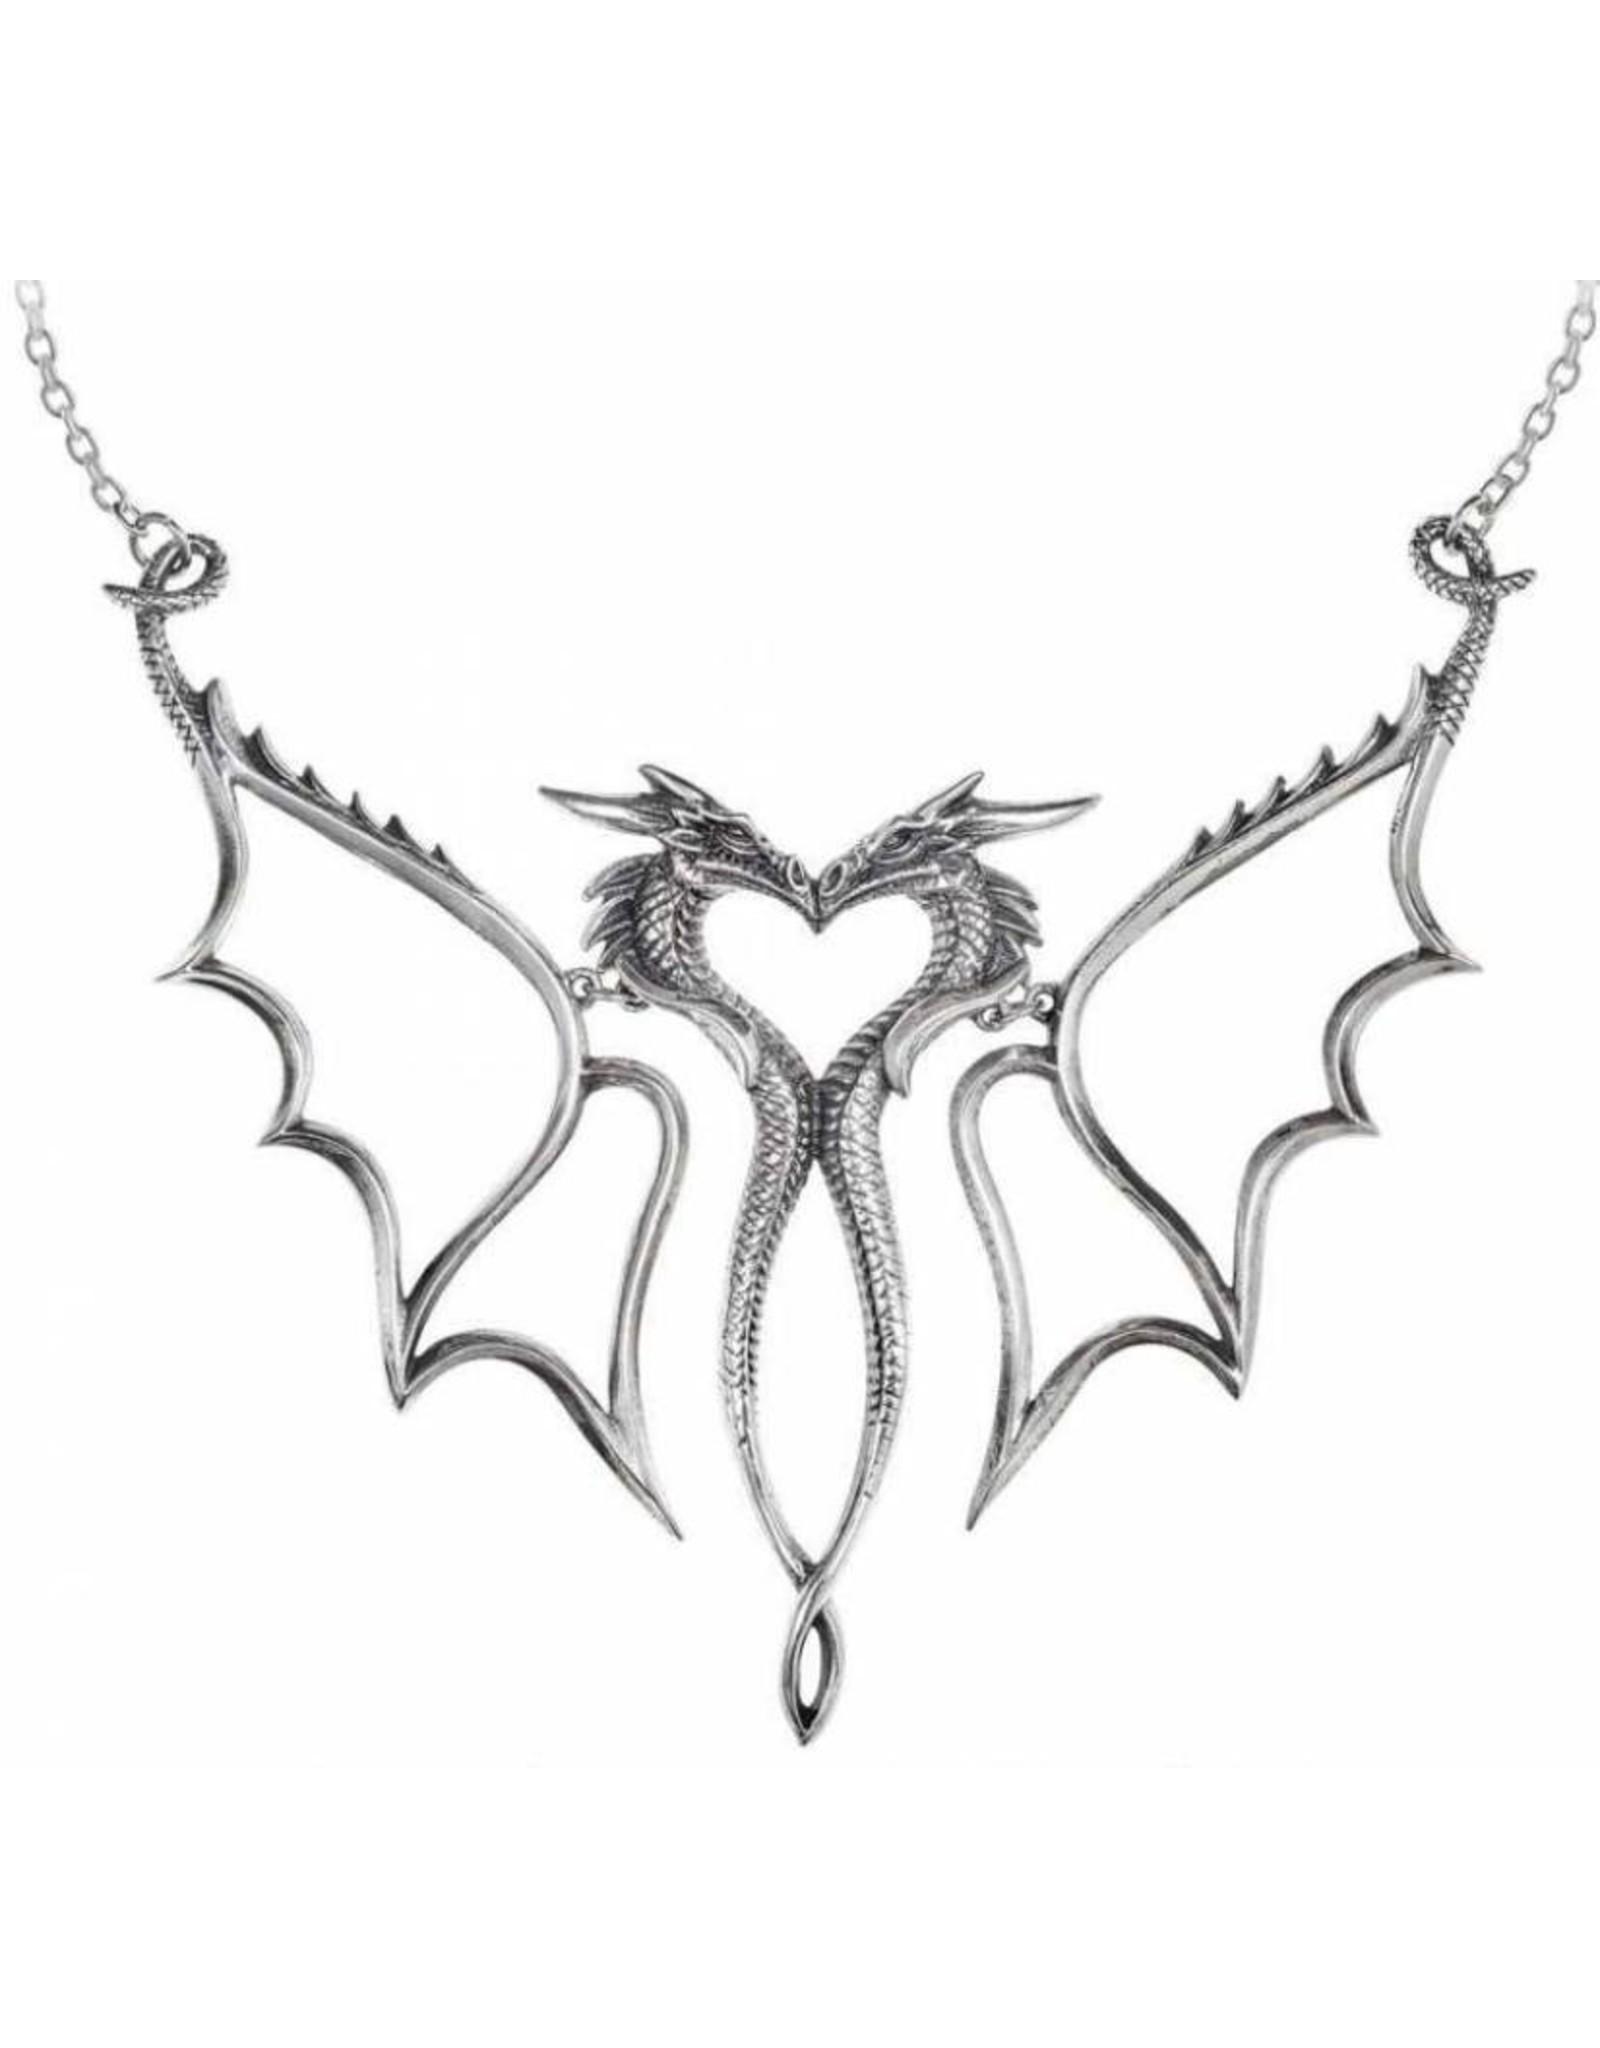 Alchemy Gothic sieraden Steampunk sieraden - Draken ketting Dragon Consort - Alchemy